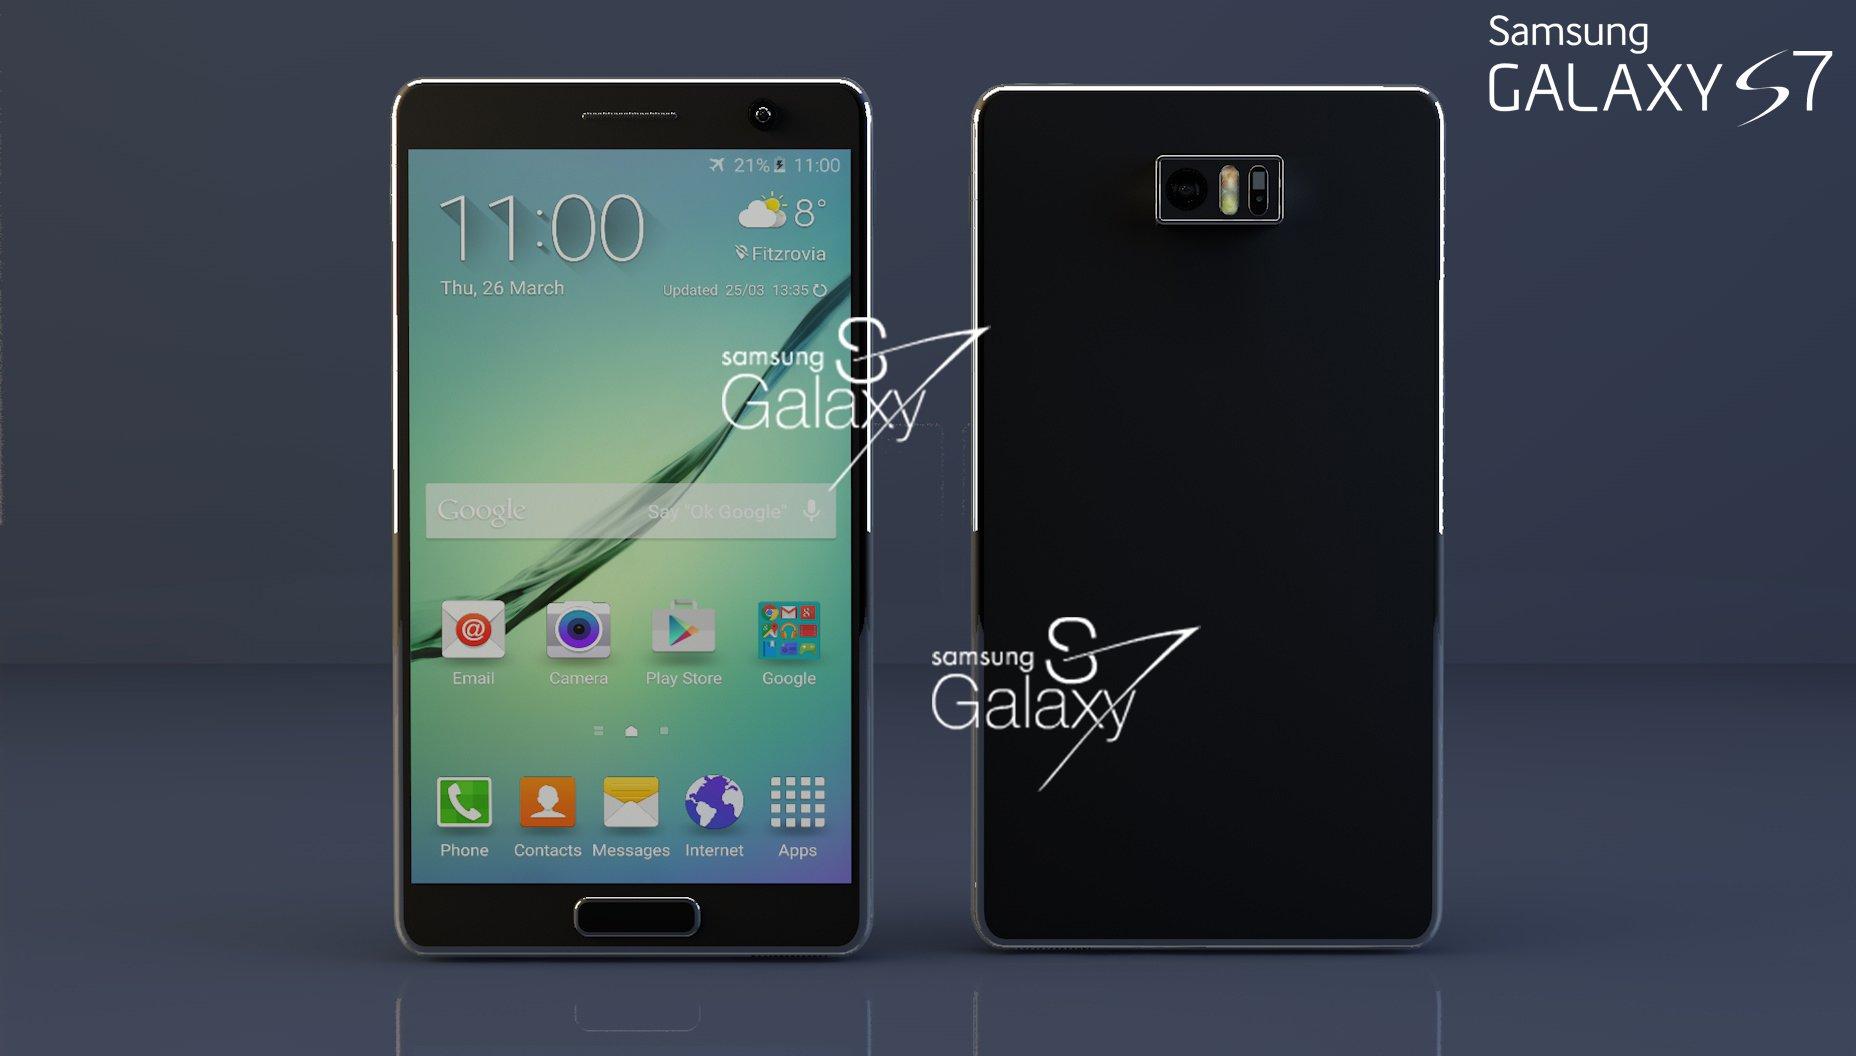 Samsung Galaxy S7'nin Bataryası Ne Kadar Dayanıyor?